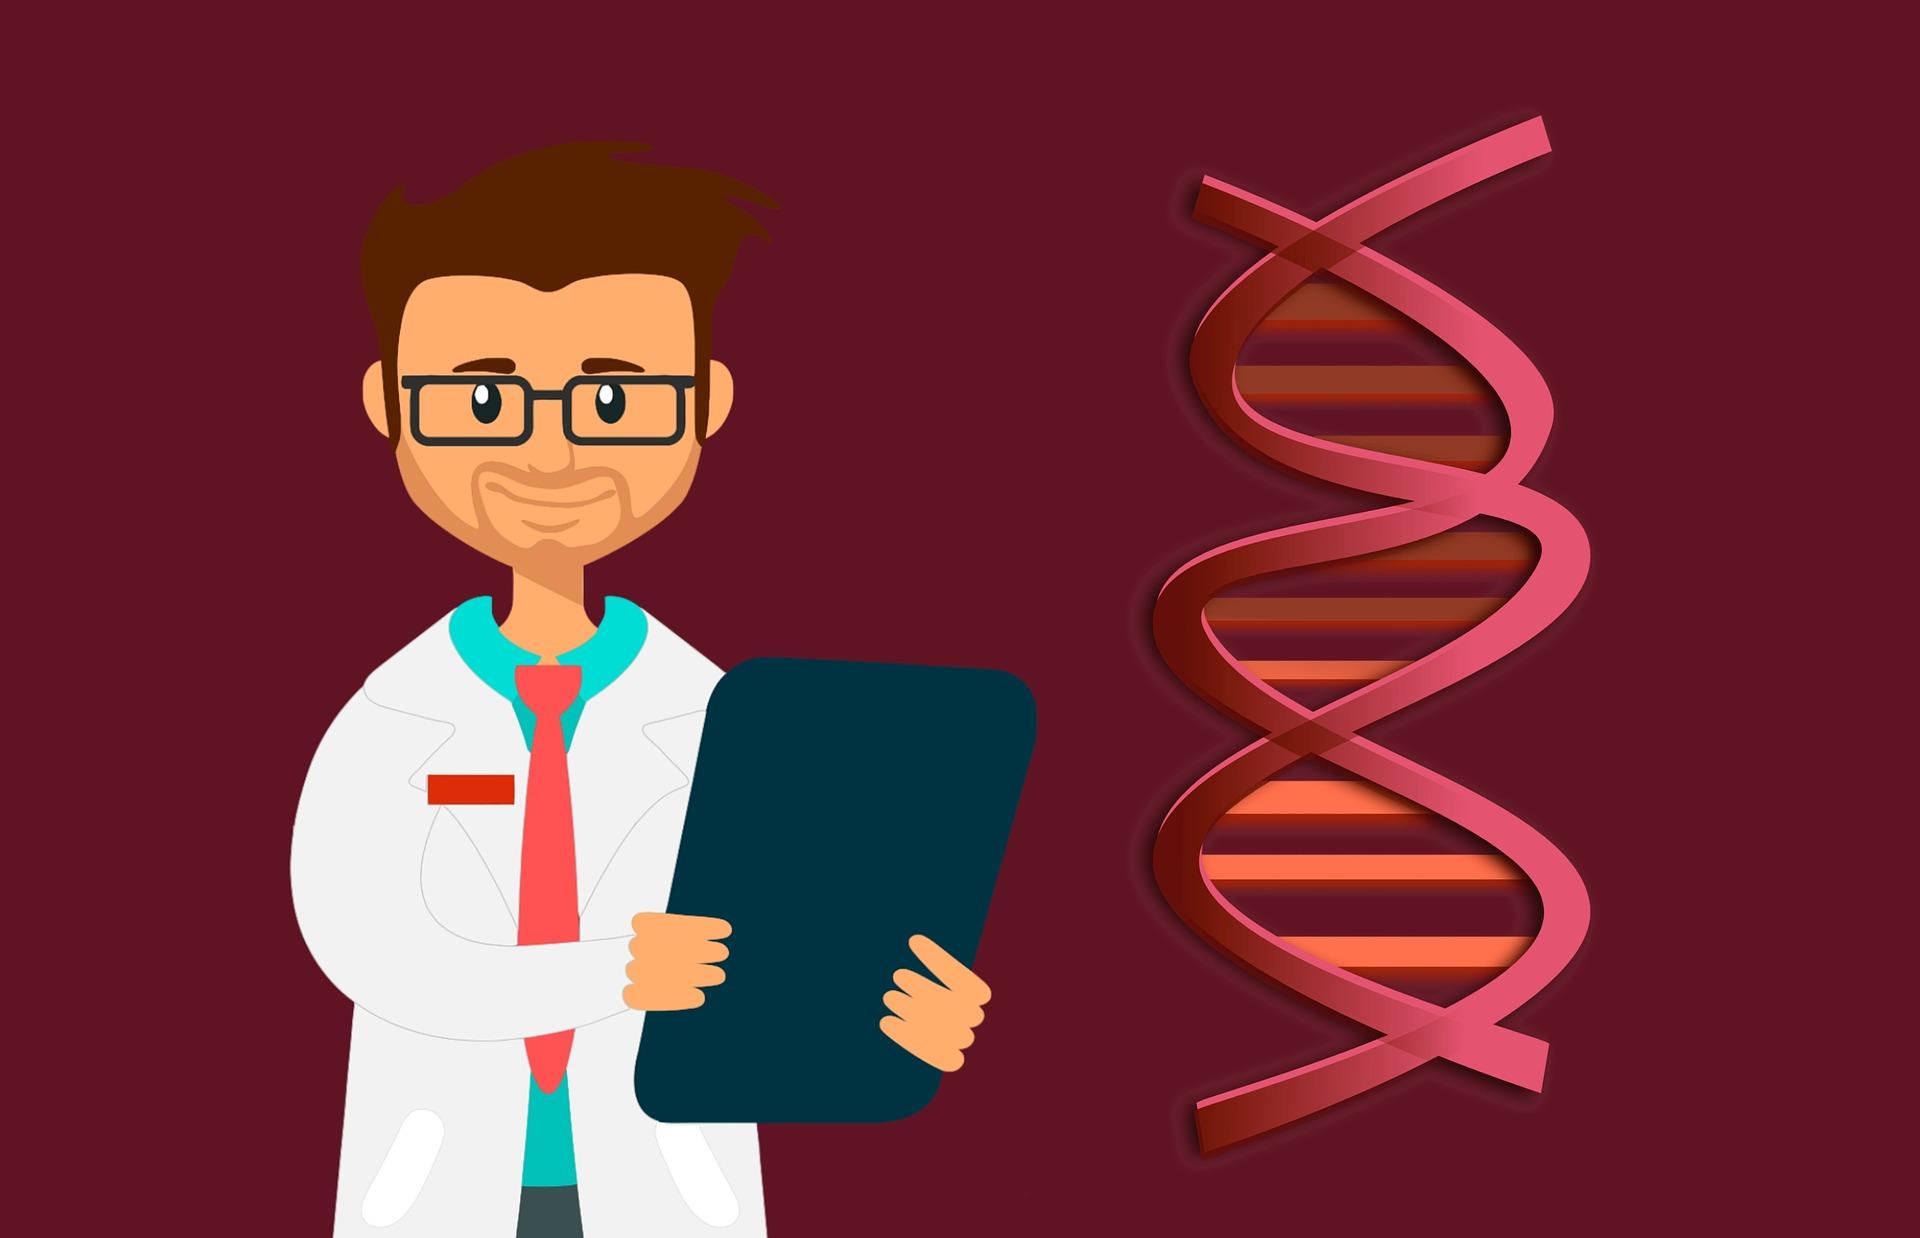 malattia di fabry-ability channel-malattia di fabry occhio-malattia di fabry segno cutaneo-malattia di fabry bambini-esami per malattia di fabry-come si manifesta la malattia di fabry